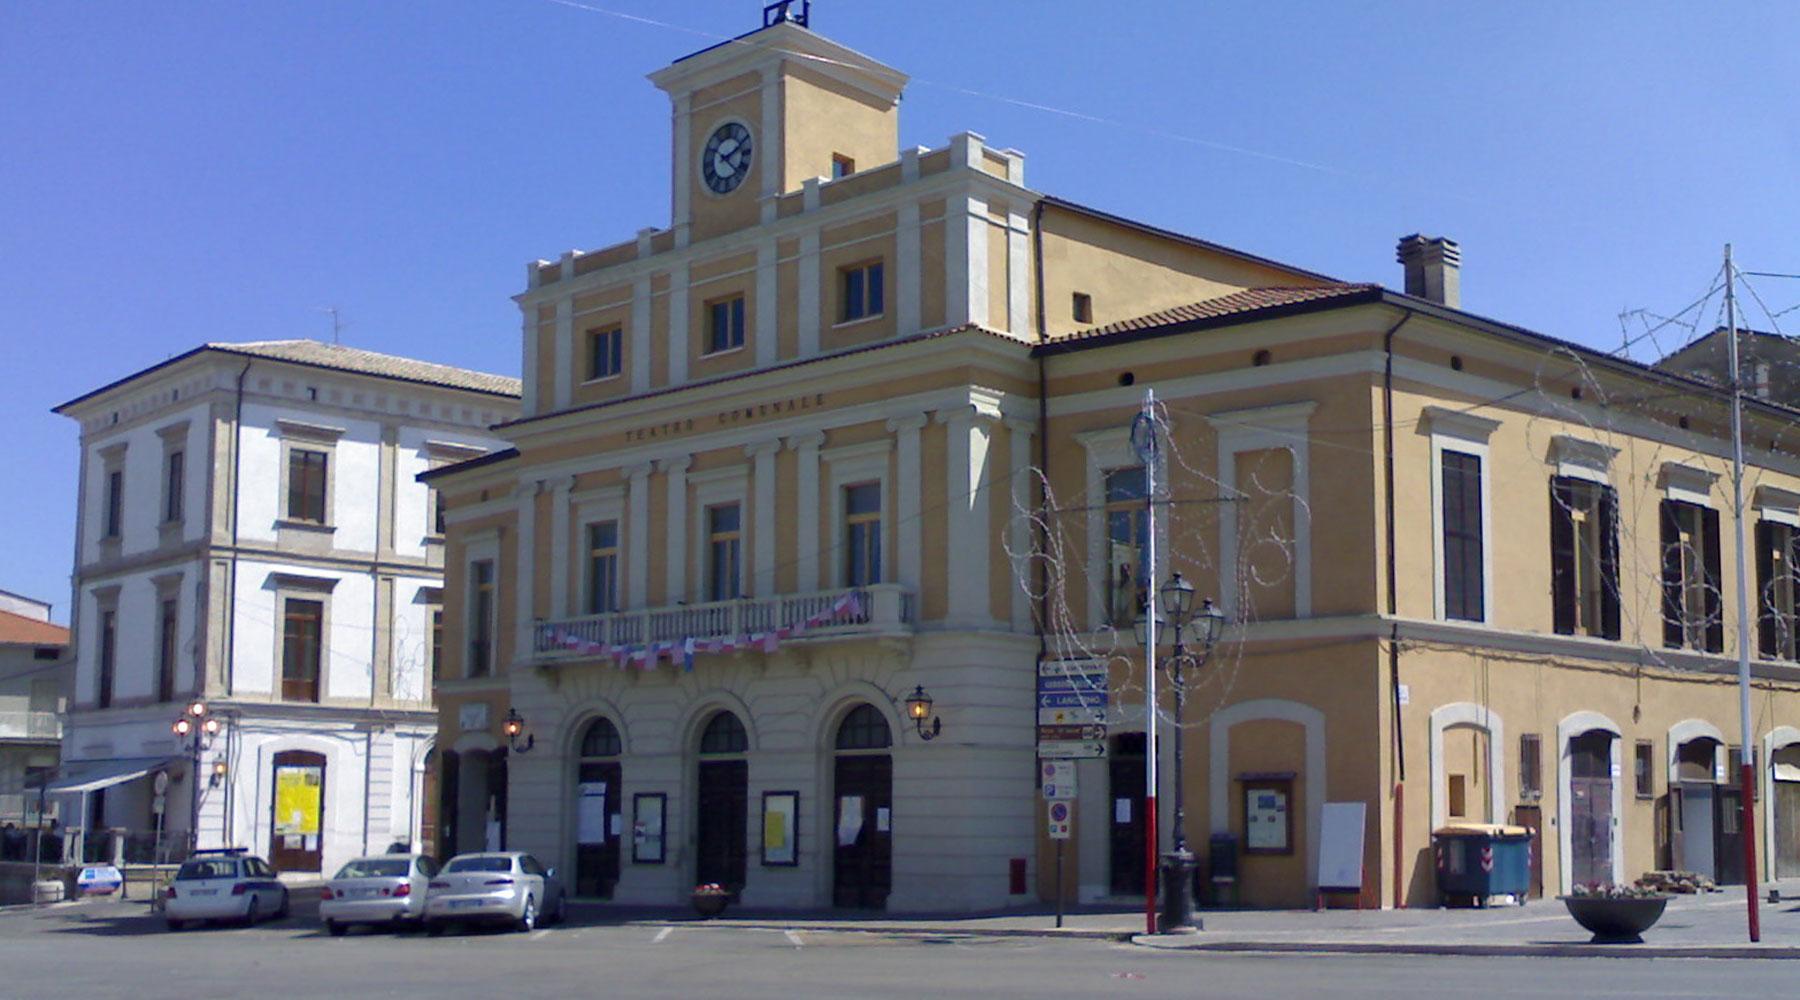 Altamira Hotel Ristorante Orsogna Near Chieti In Abruzzo